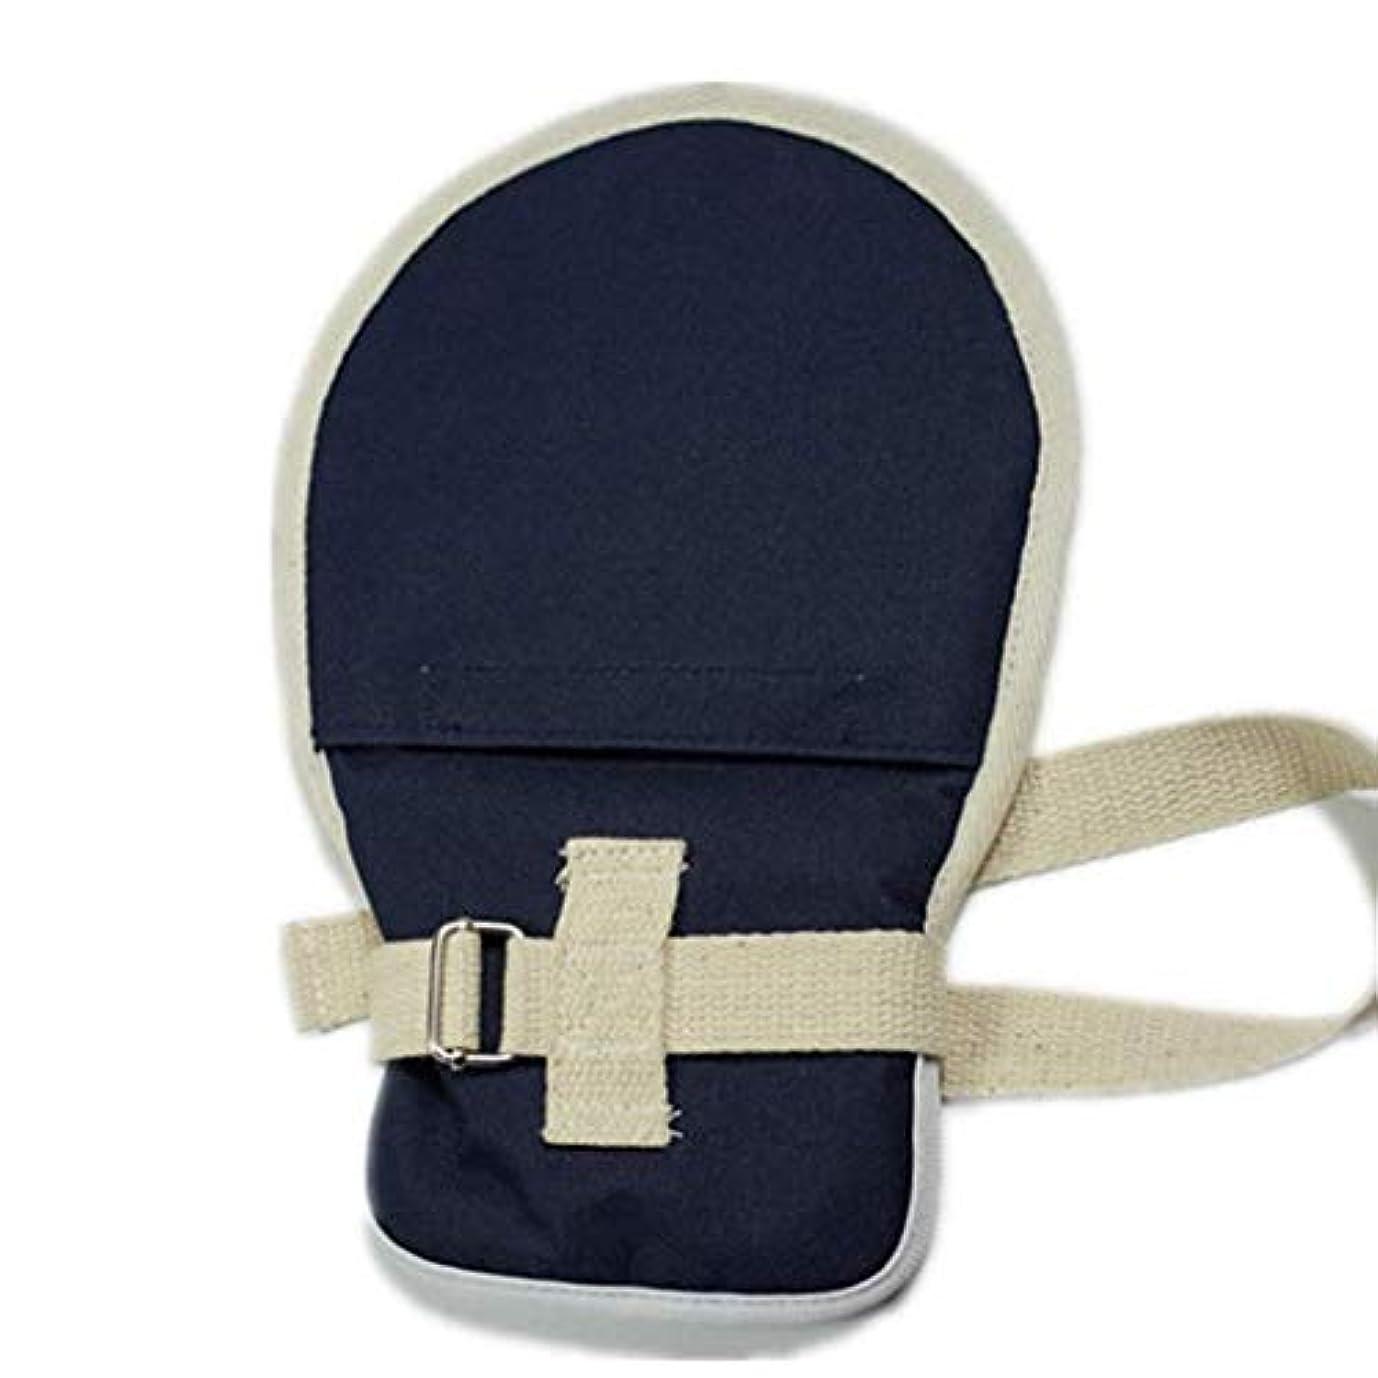 津波ホールドオール時代医療用拘束手袋 - 予防患者の傷自己牽引式引っ張りチューブ、自己怪我、ベッドレスト